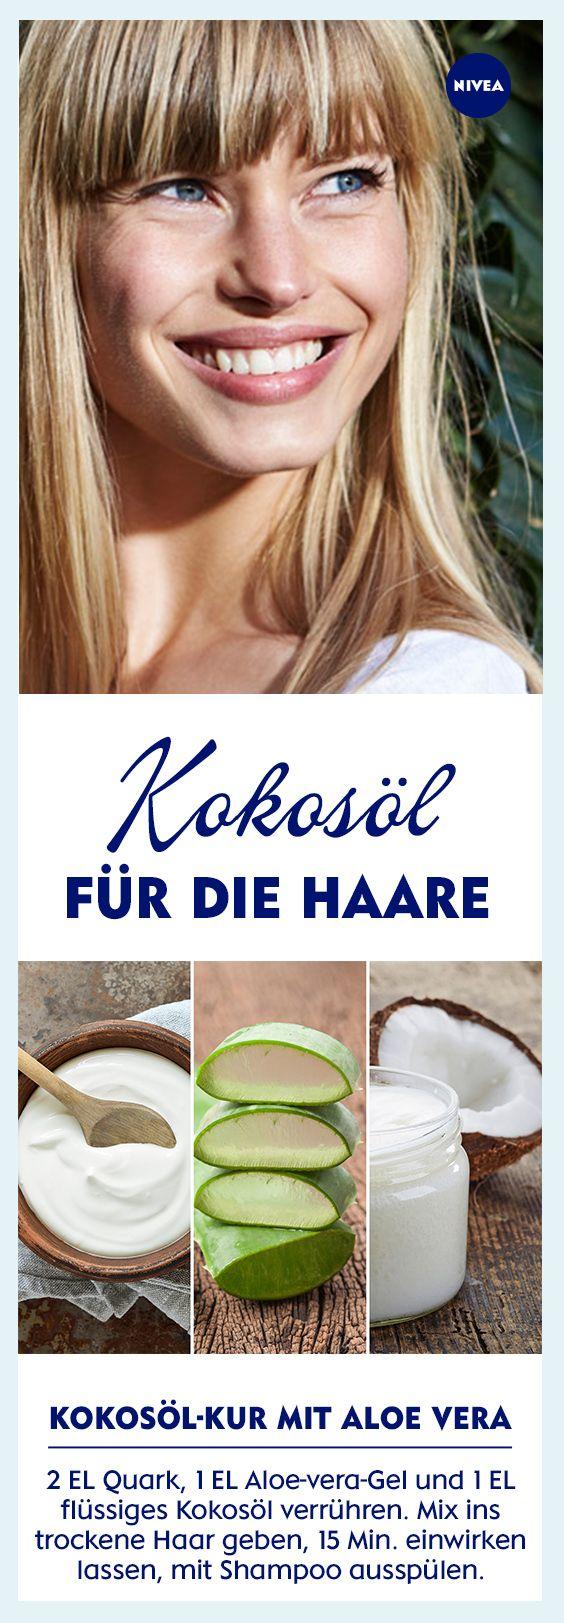 Kokosöl für die Haare: Tipps und DIY-Rezepte